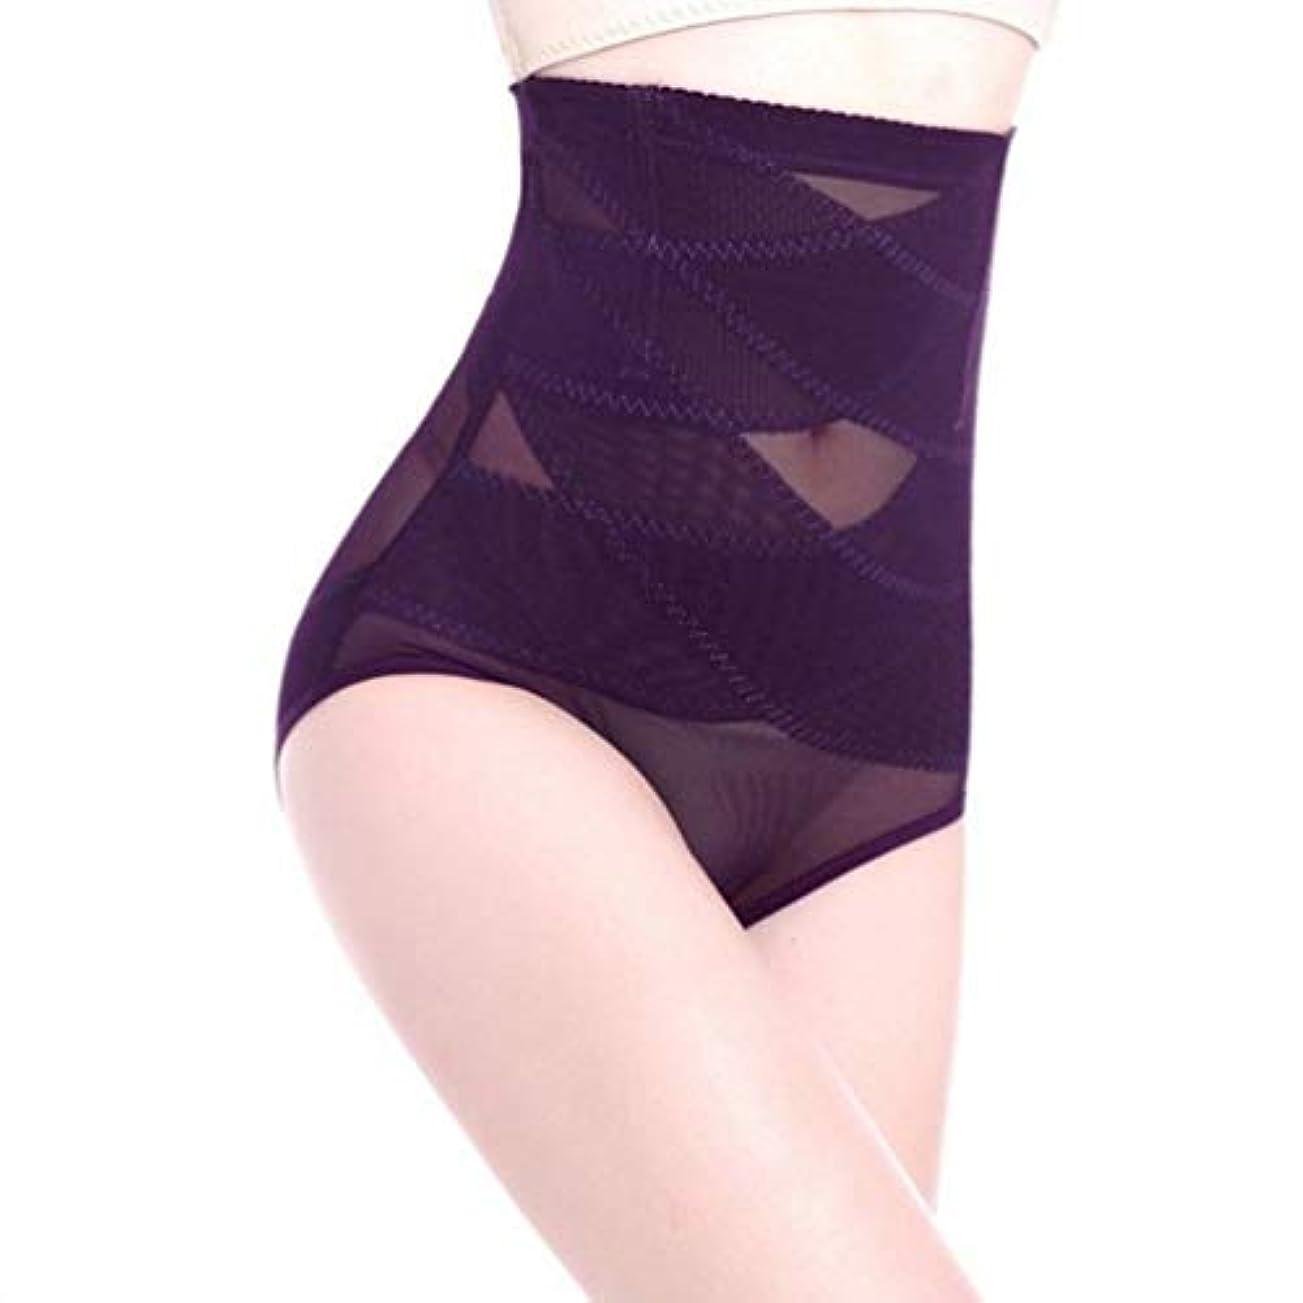 露骨な距離の間で通気性のあるハイウエスト女性痩身腹部コントロール下着シームレスおなかコントロールパンティーバットリフターボディシェイパー - パープル3 XL